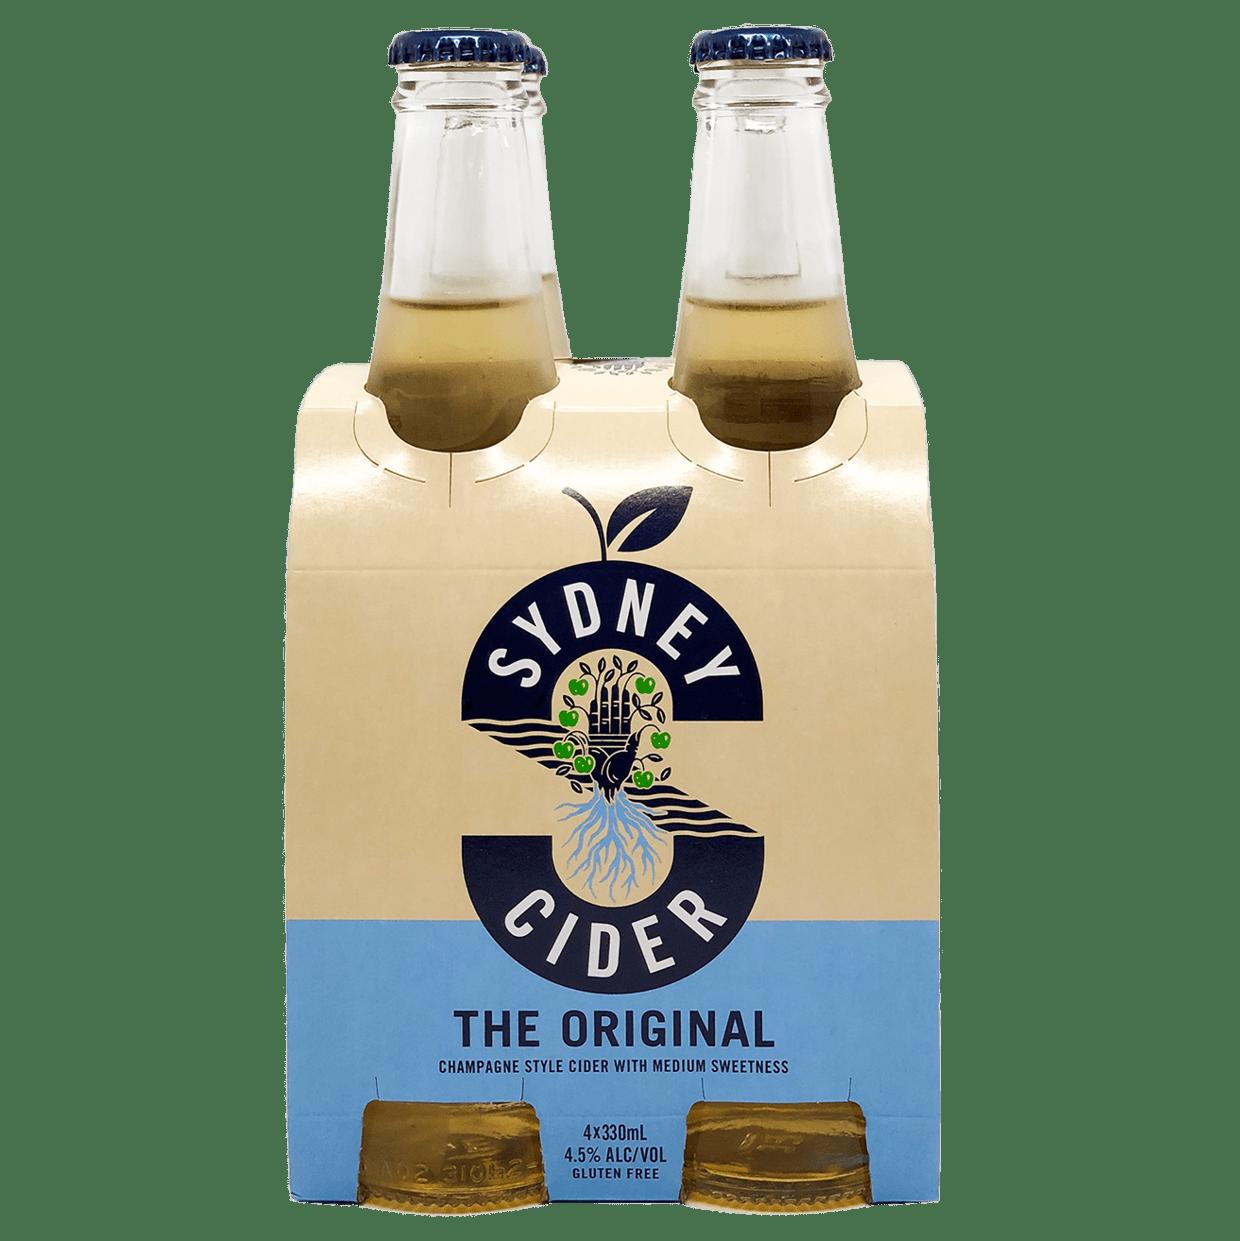 Sydney Cider Bottles